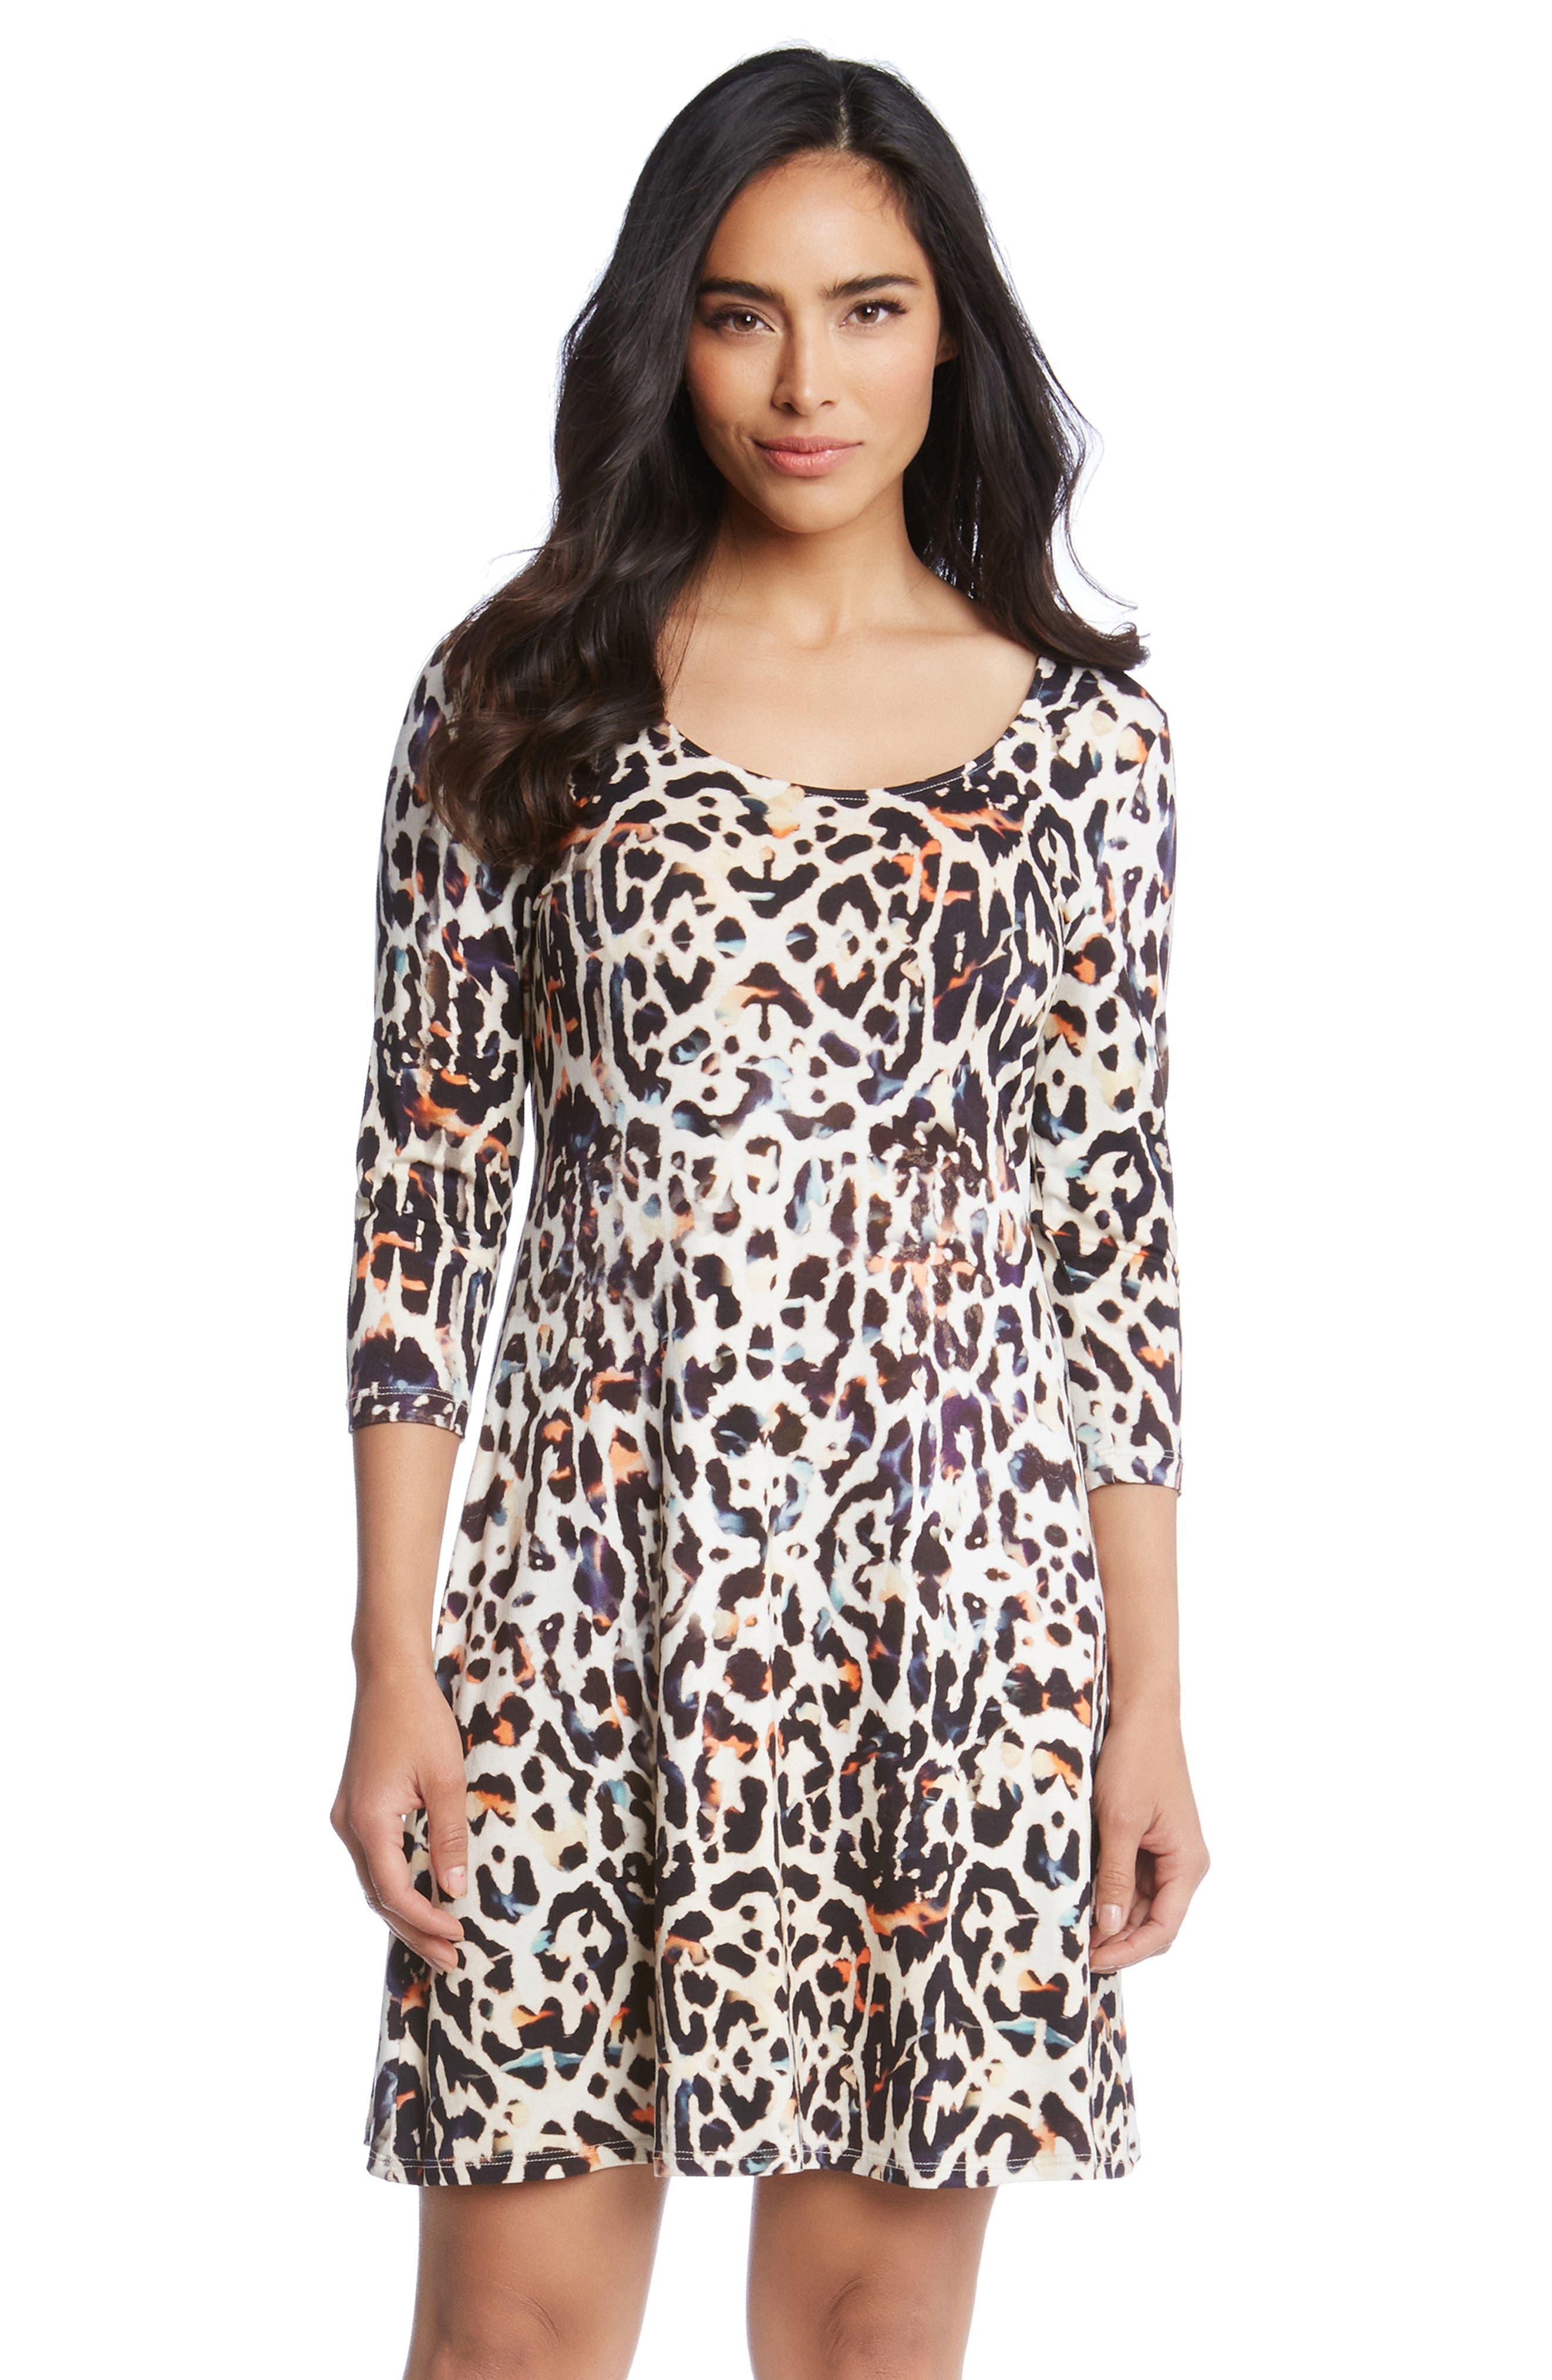 Leopard Print A-Line Dress,                             Alternate thumbnail 4, color,                             280